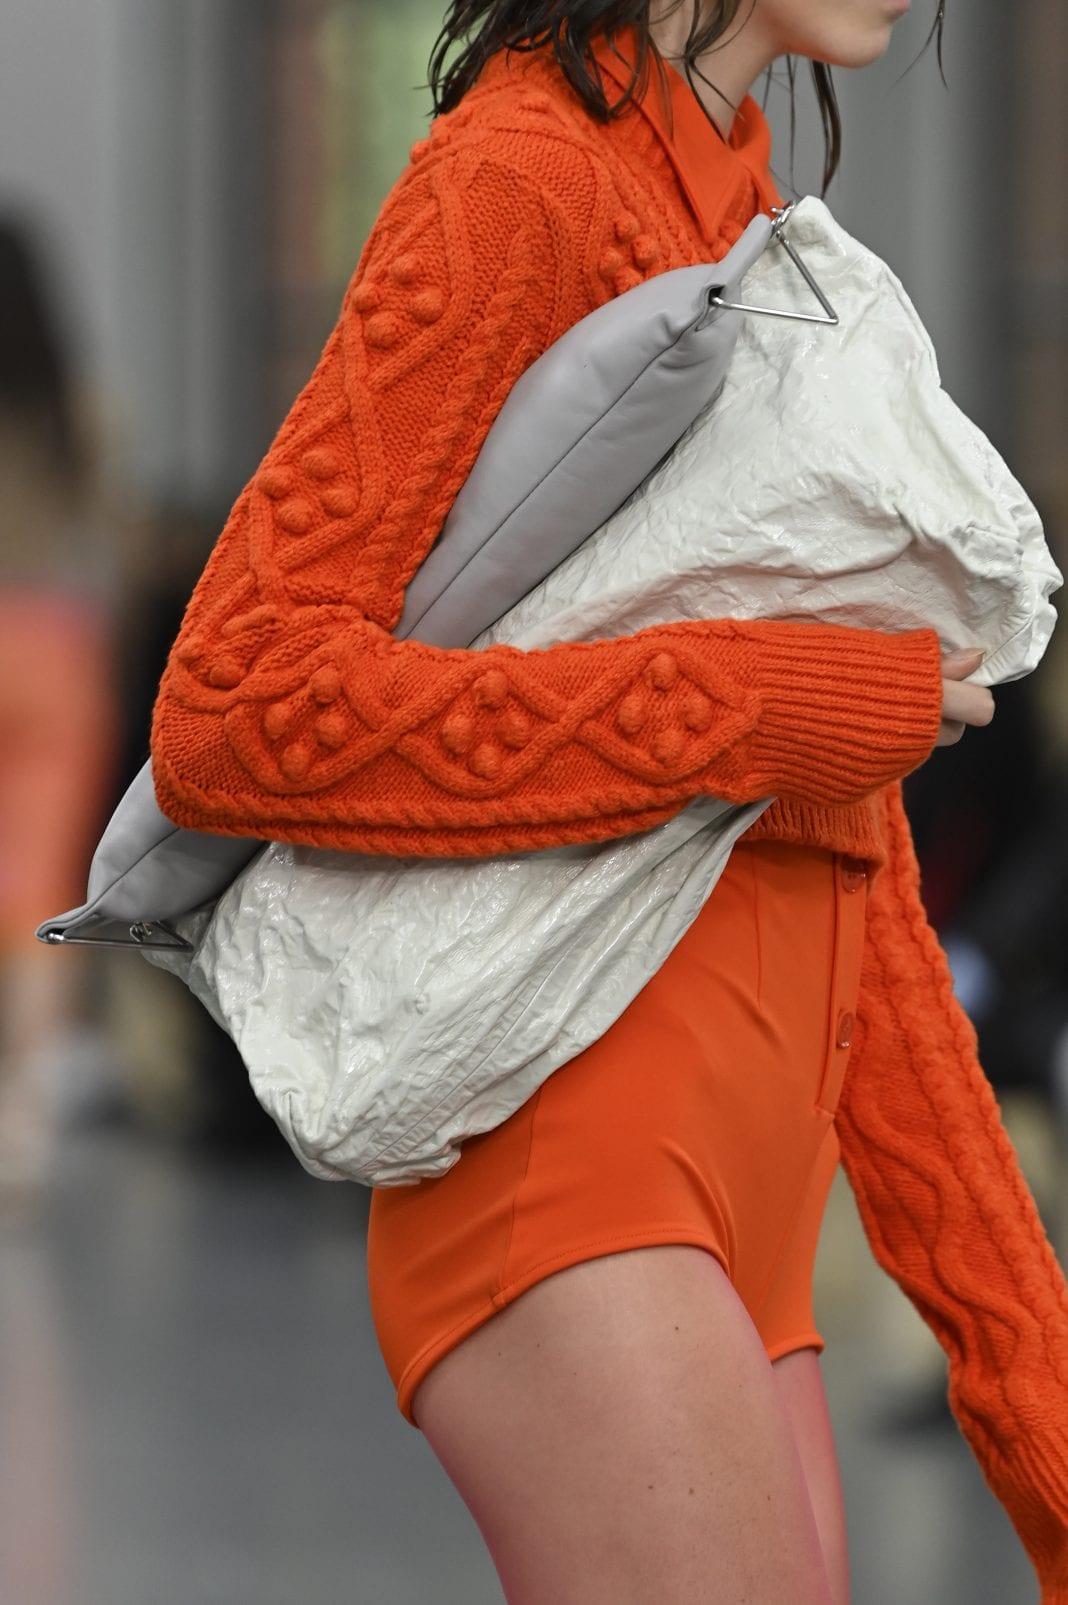 Clutch bags: Αυτοί είναι οι φάκελοι που θα κρατήσεις την Άνοιξη και το Καλοκαίρι